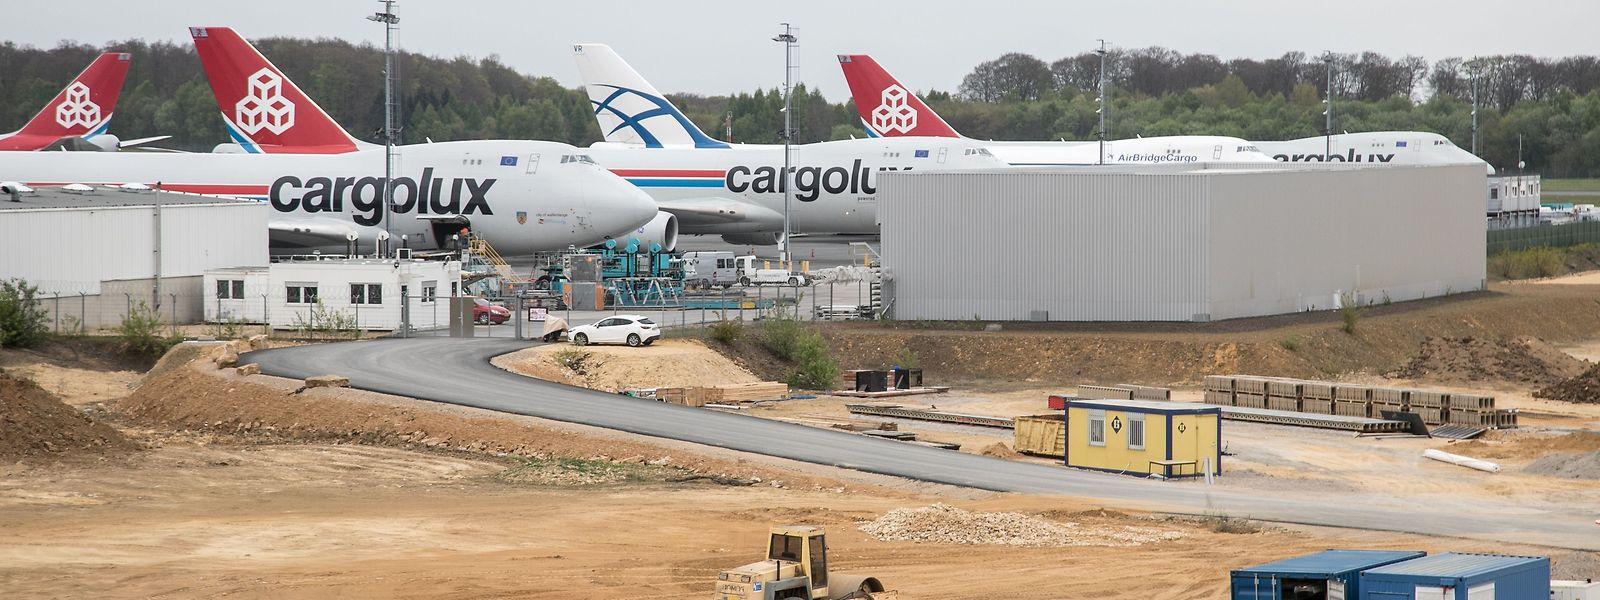 Das Vorfeld des Cargocenters soll bis Ende 2018 um vier Stellplätze erweitert werden.